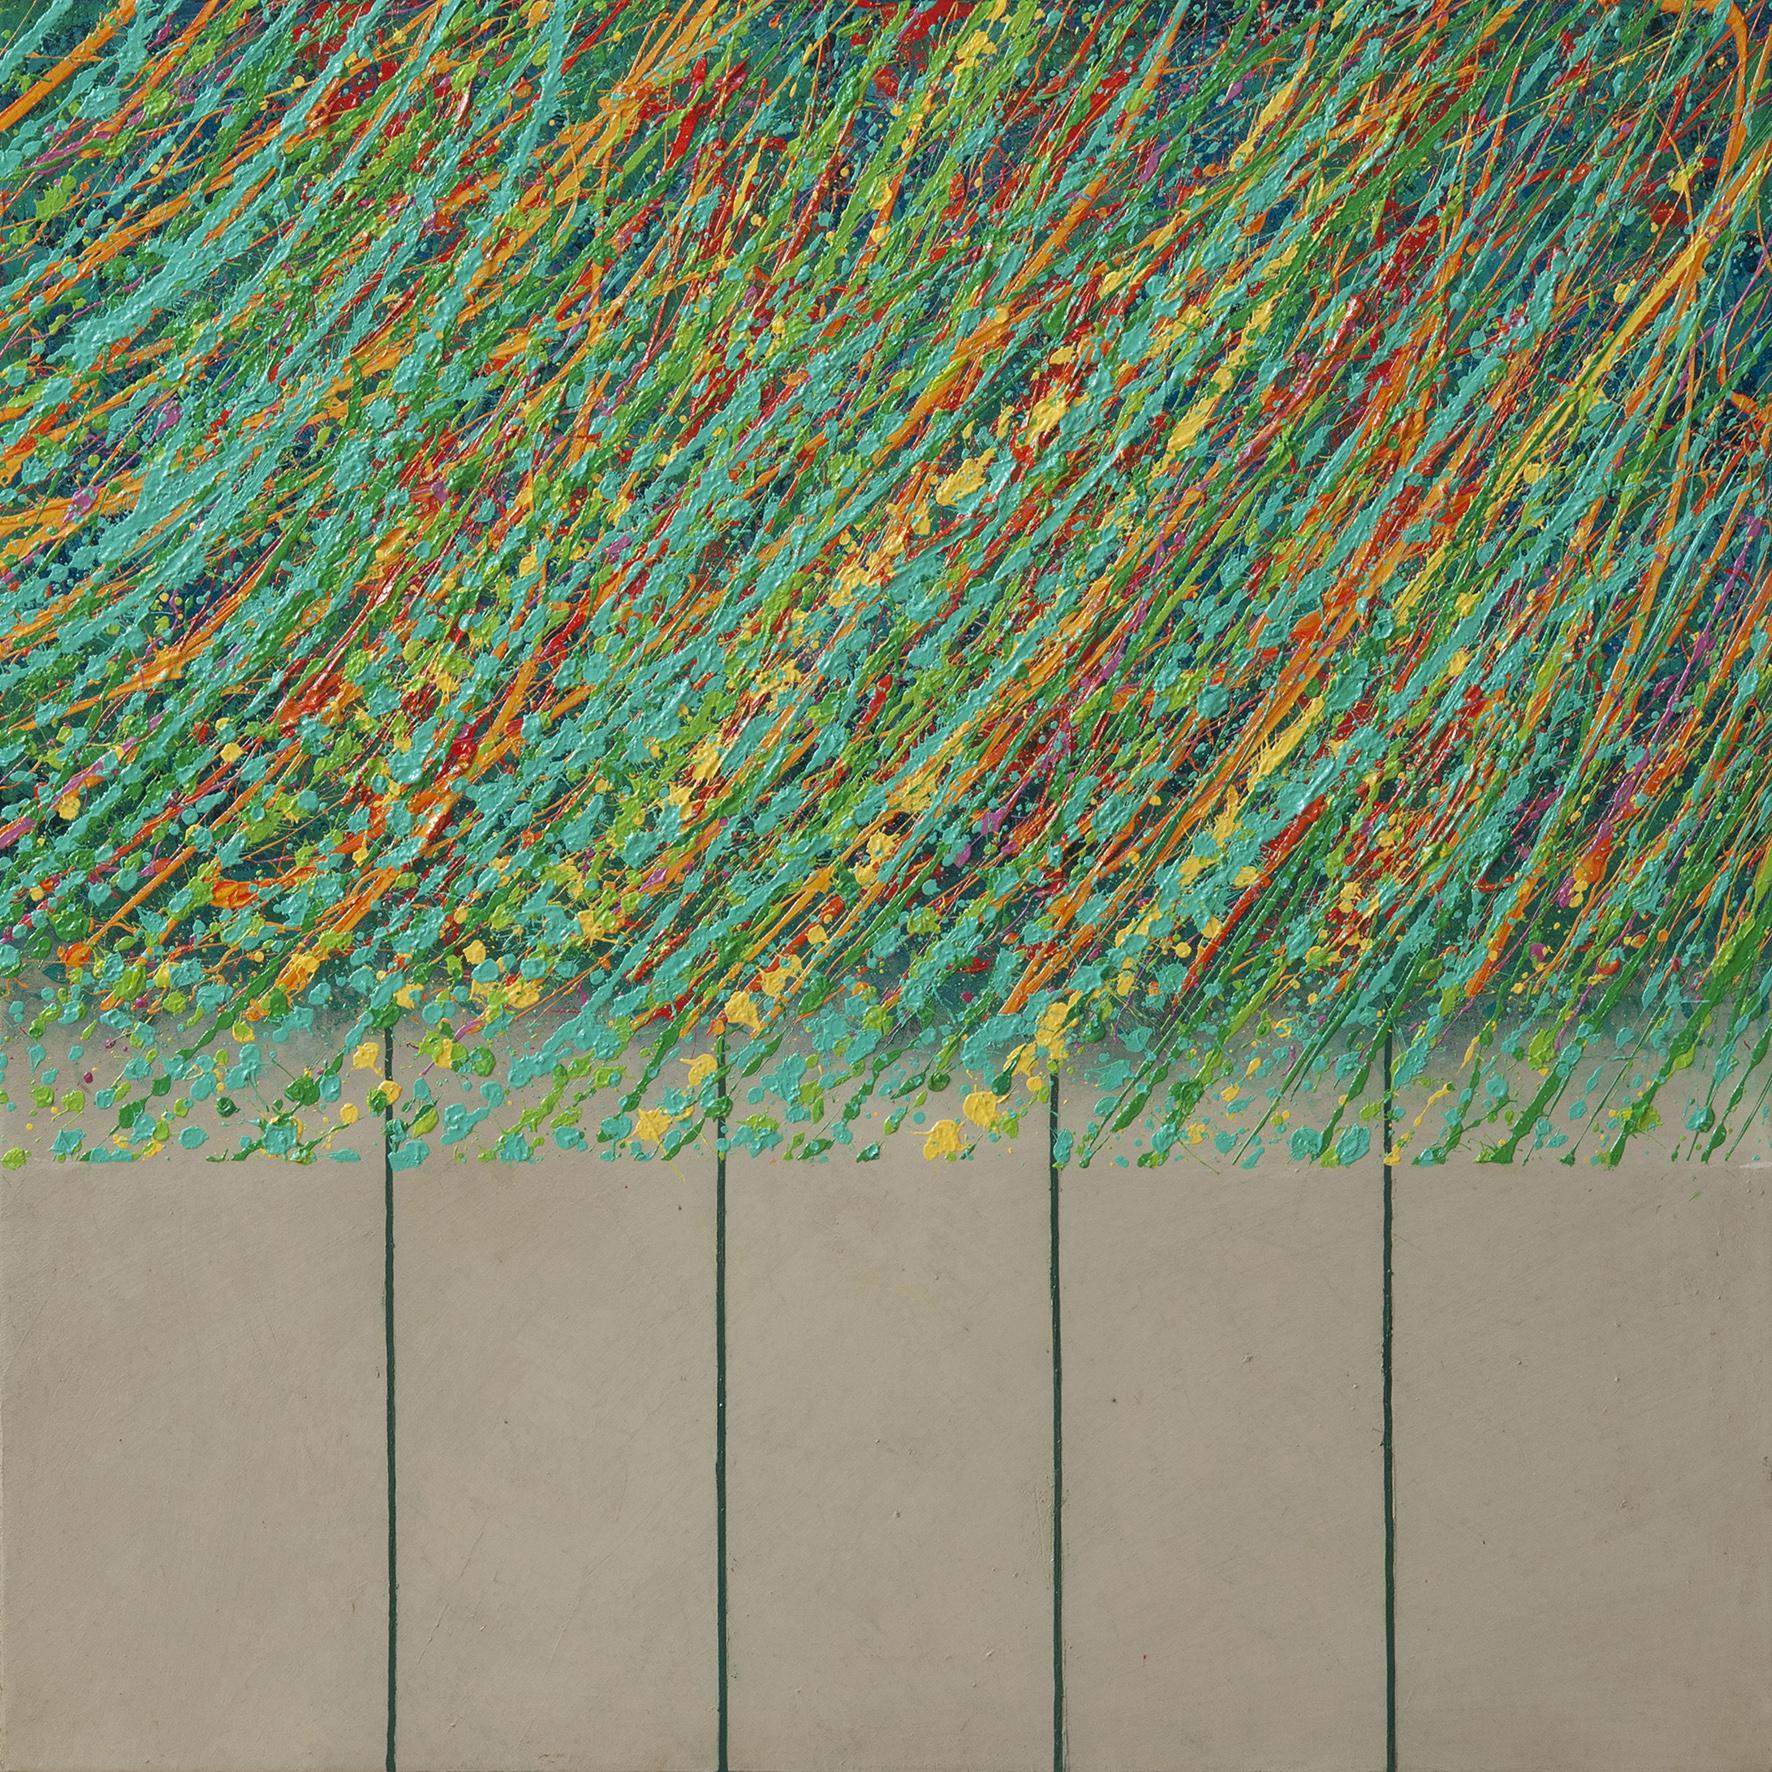 Terra XV, oil on canvas, 85x85 cm, 2015